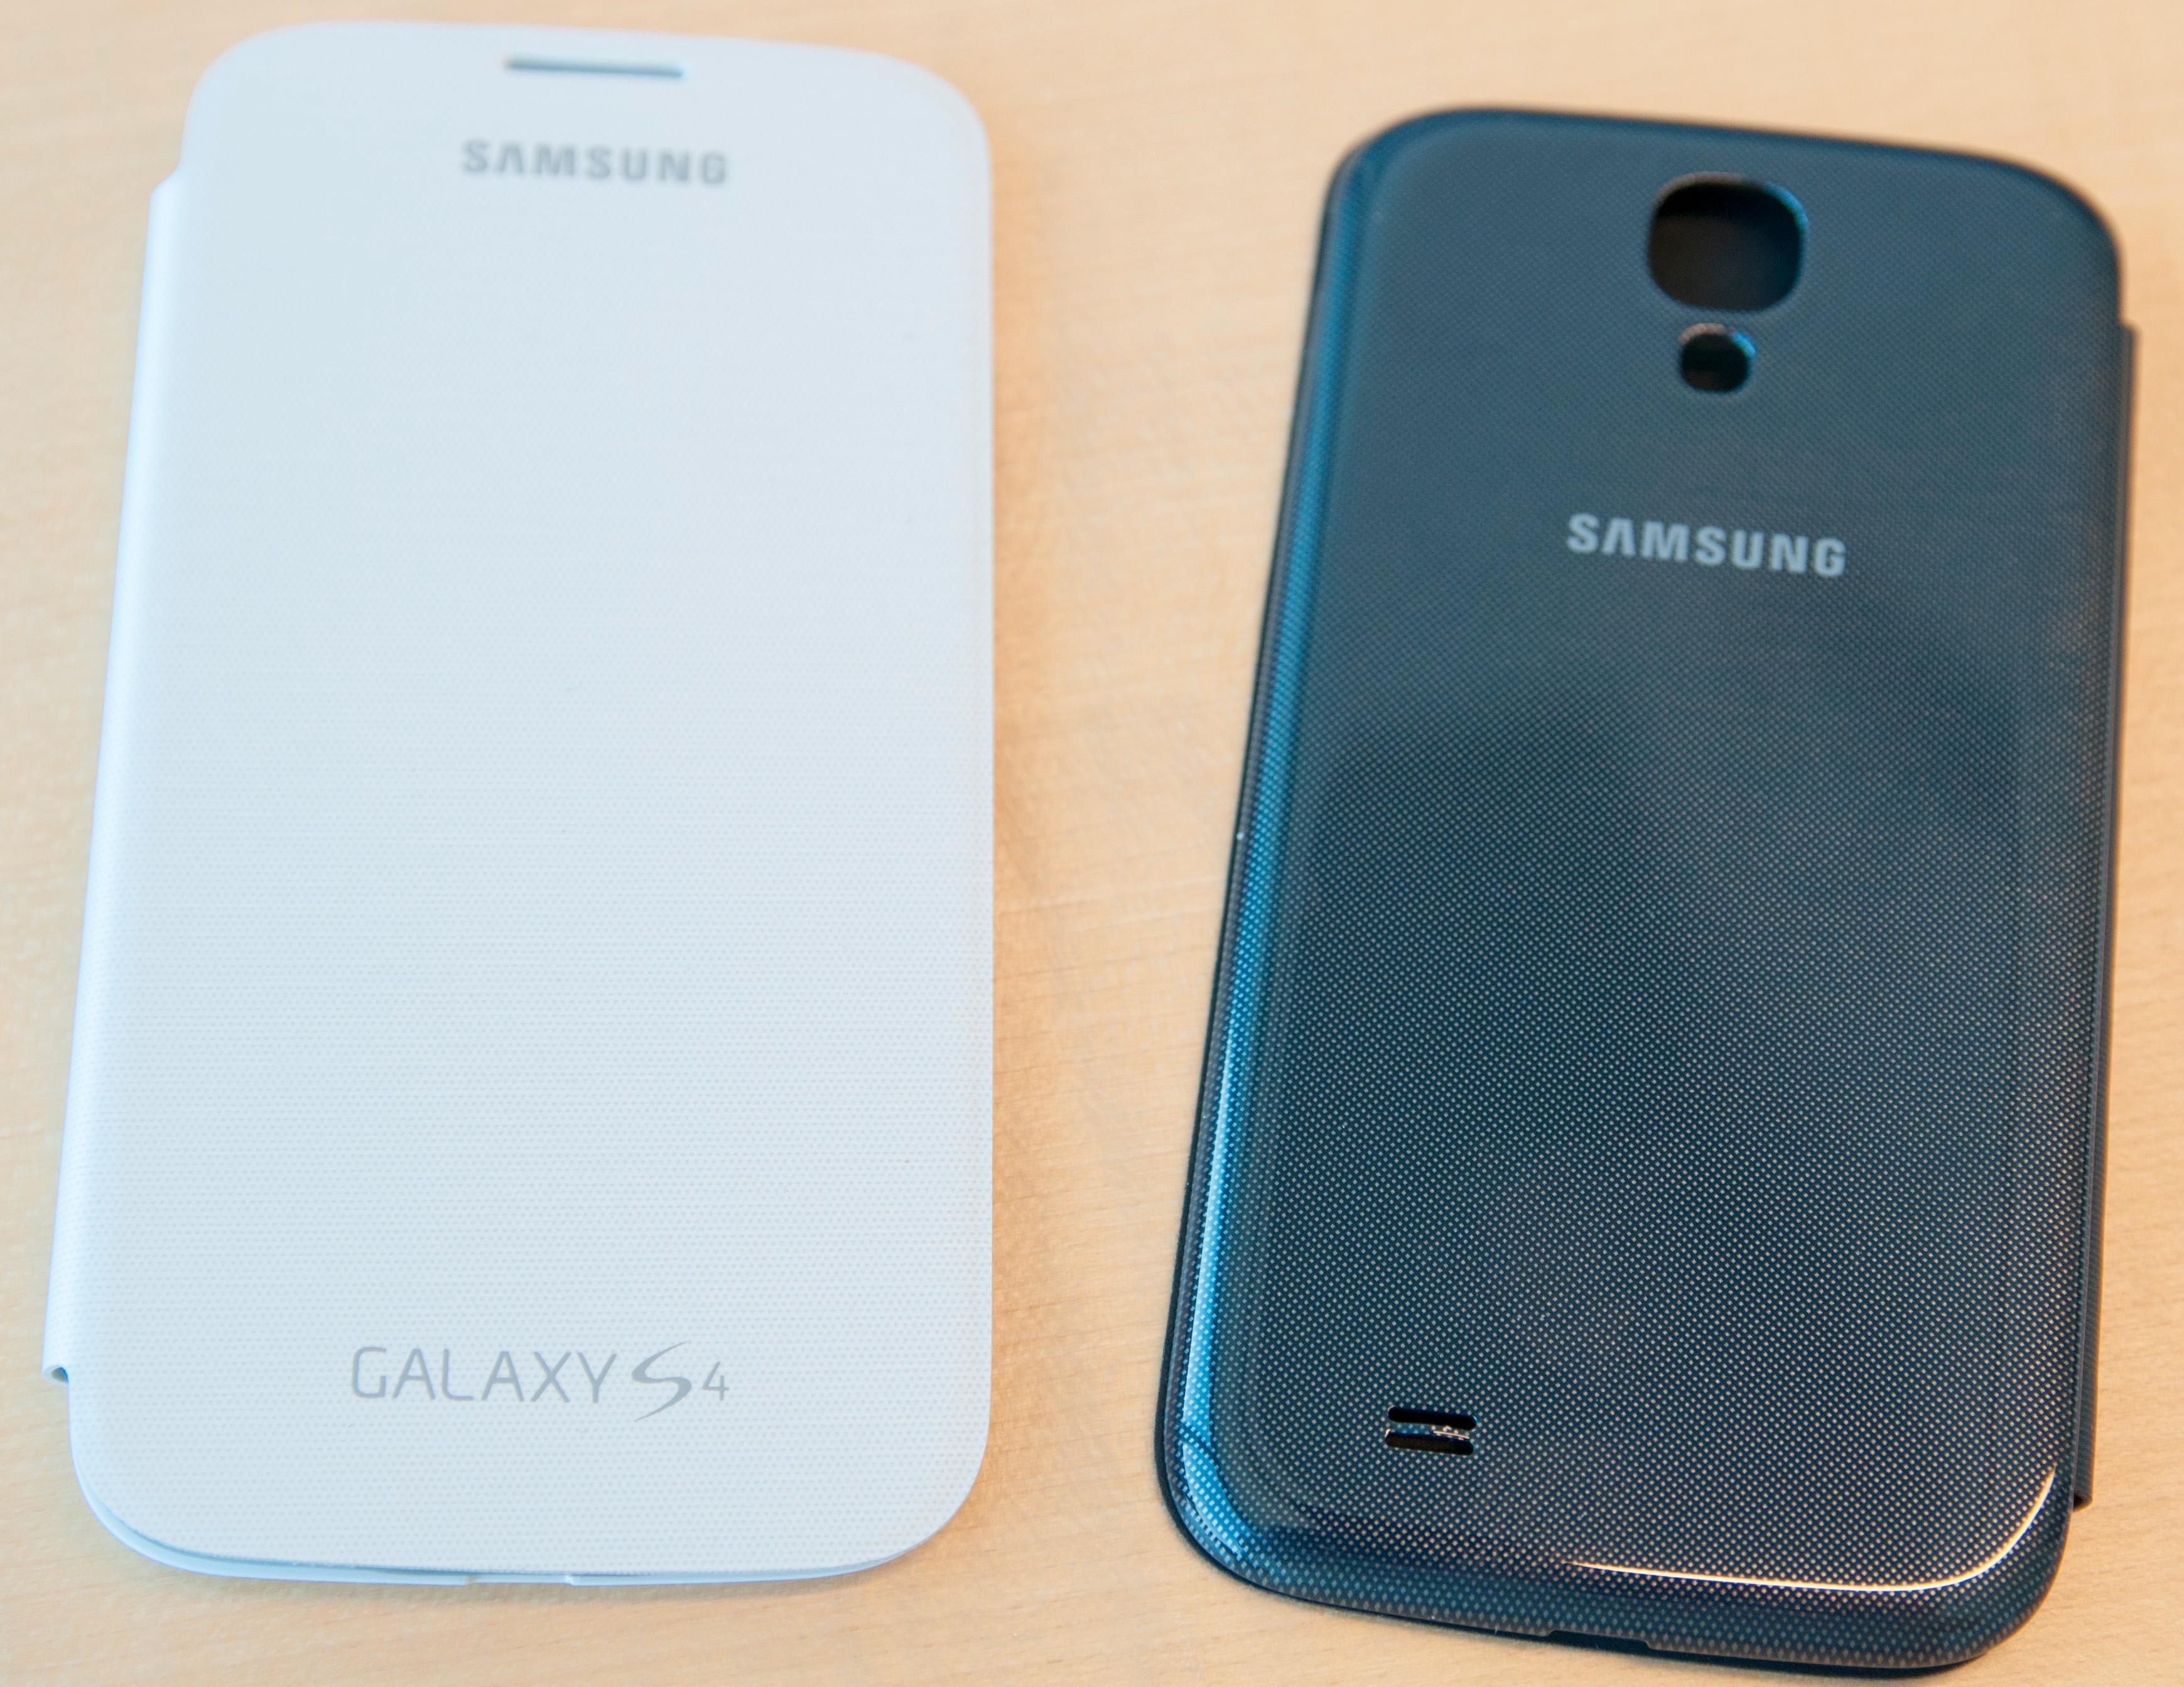 Samsungs flipdeksel kommer selvfølgelig også til Galaxy S4.Foto: Finn Jarle Kvalheim, Amobil.no